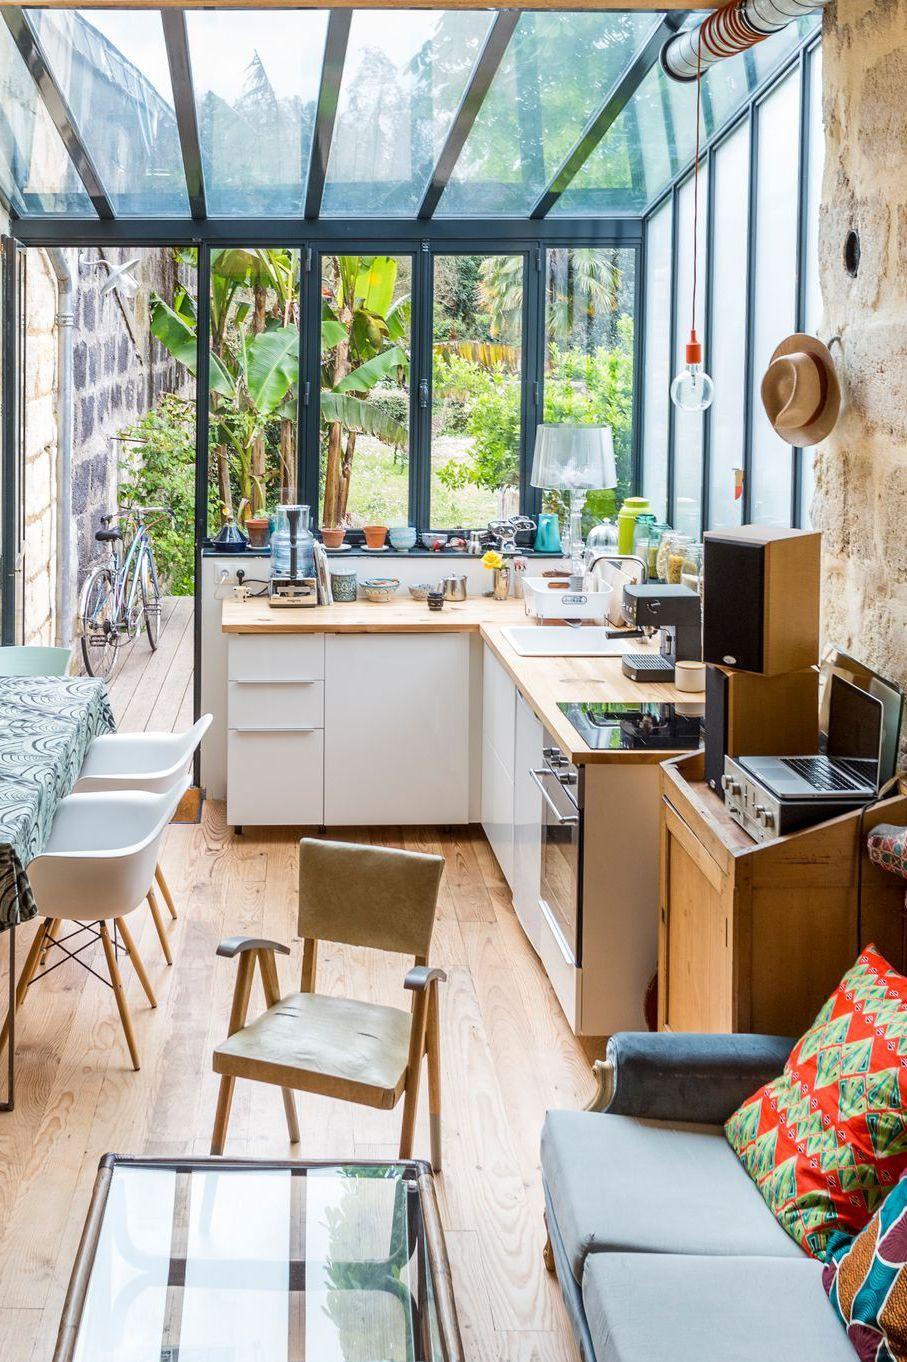 lampe cuisine inspirations pour trouver son style inspiration d co par c t maison pinterest. Black Bedroom Furniture Sets. Home Design Ideas